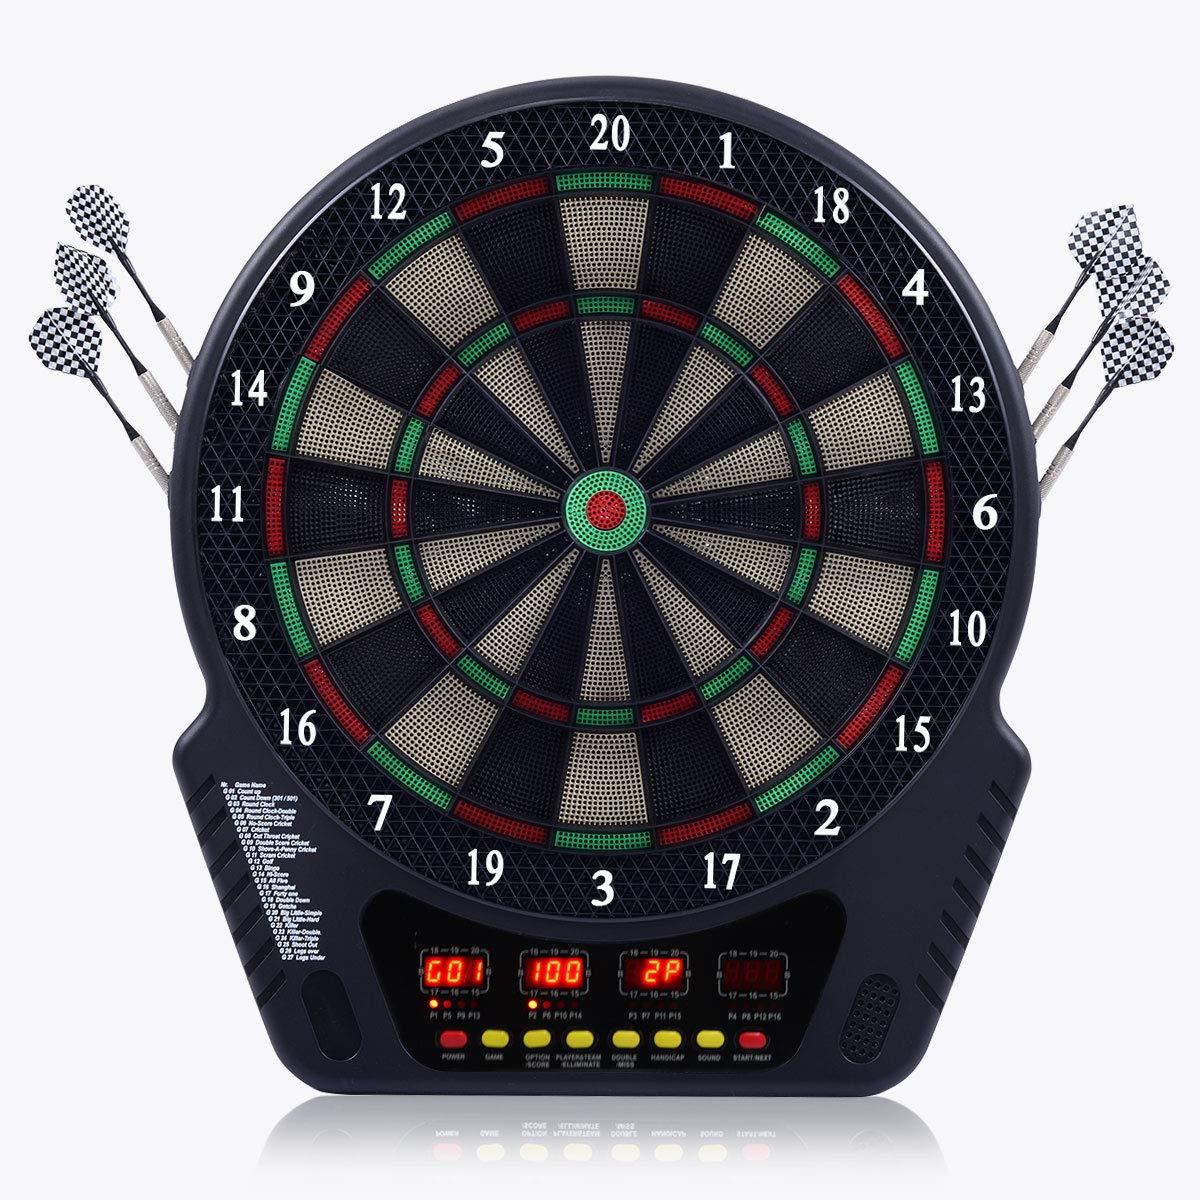 COSTWAY Elektronische Dartautomat Dartscheibe Dartboard LCD Dartspiel Dartpfeil 6 Pfeile